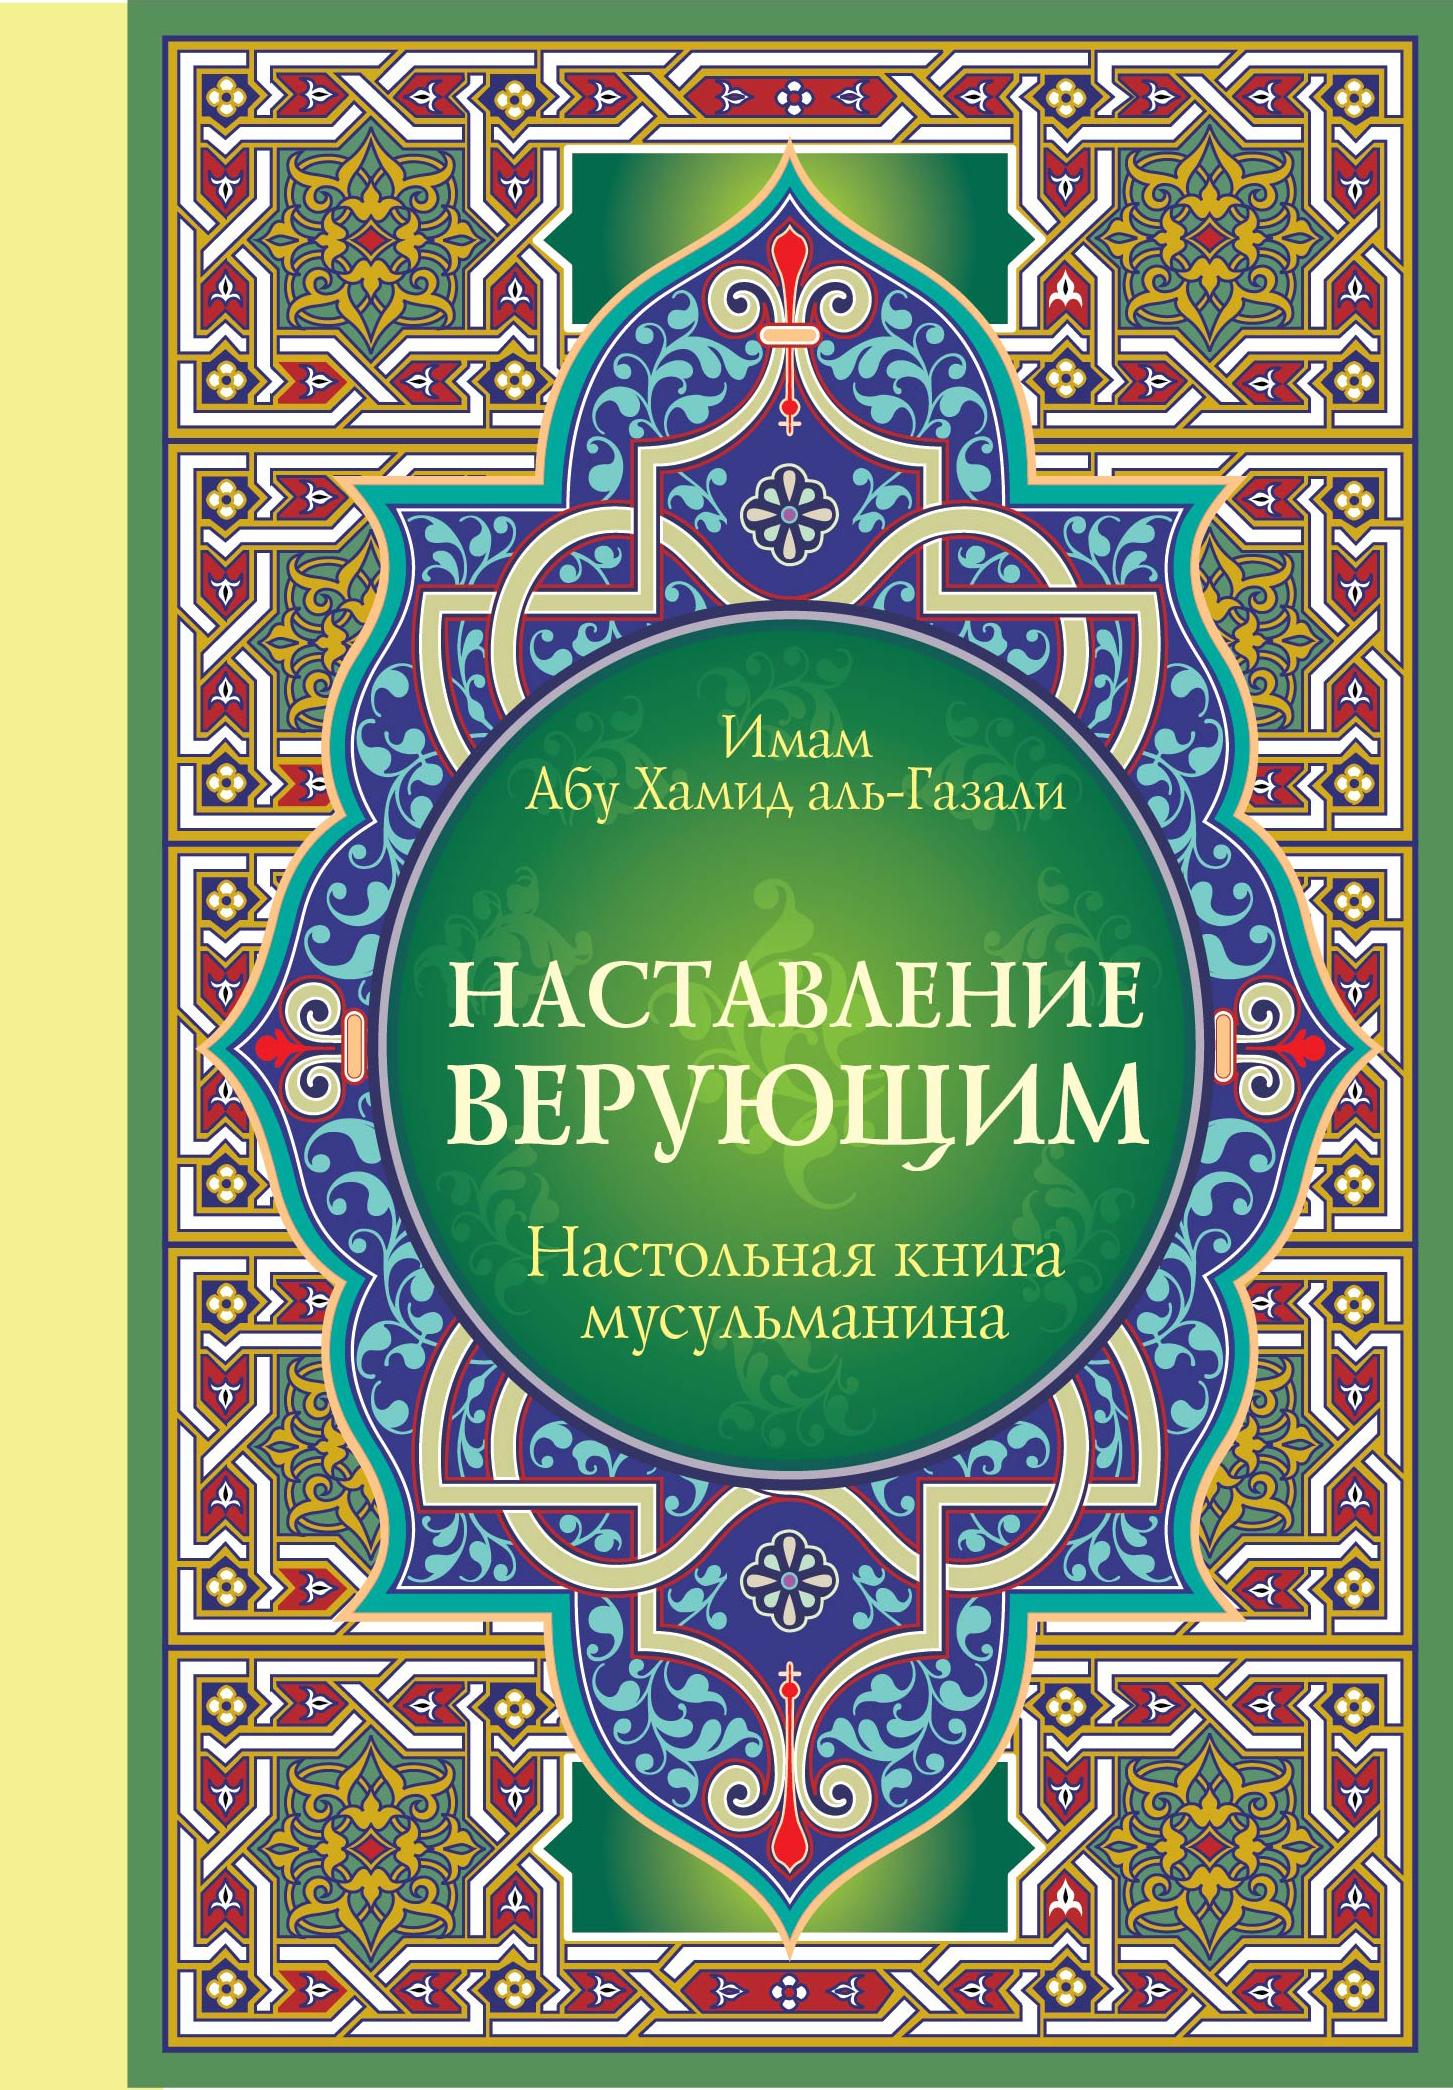 Настольная книга мусульманина: Наставление верующим